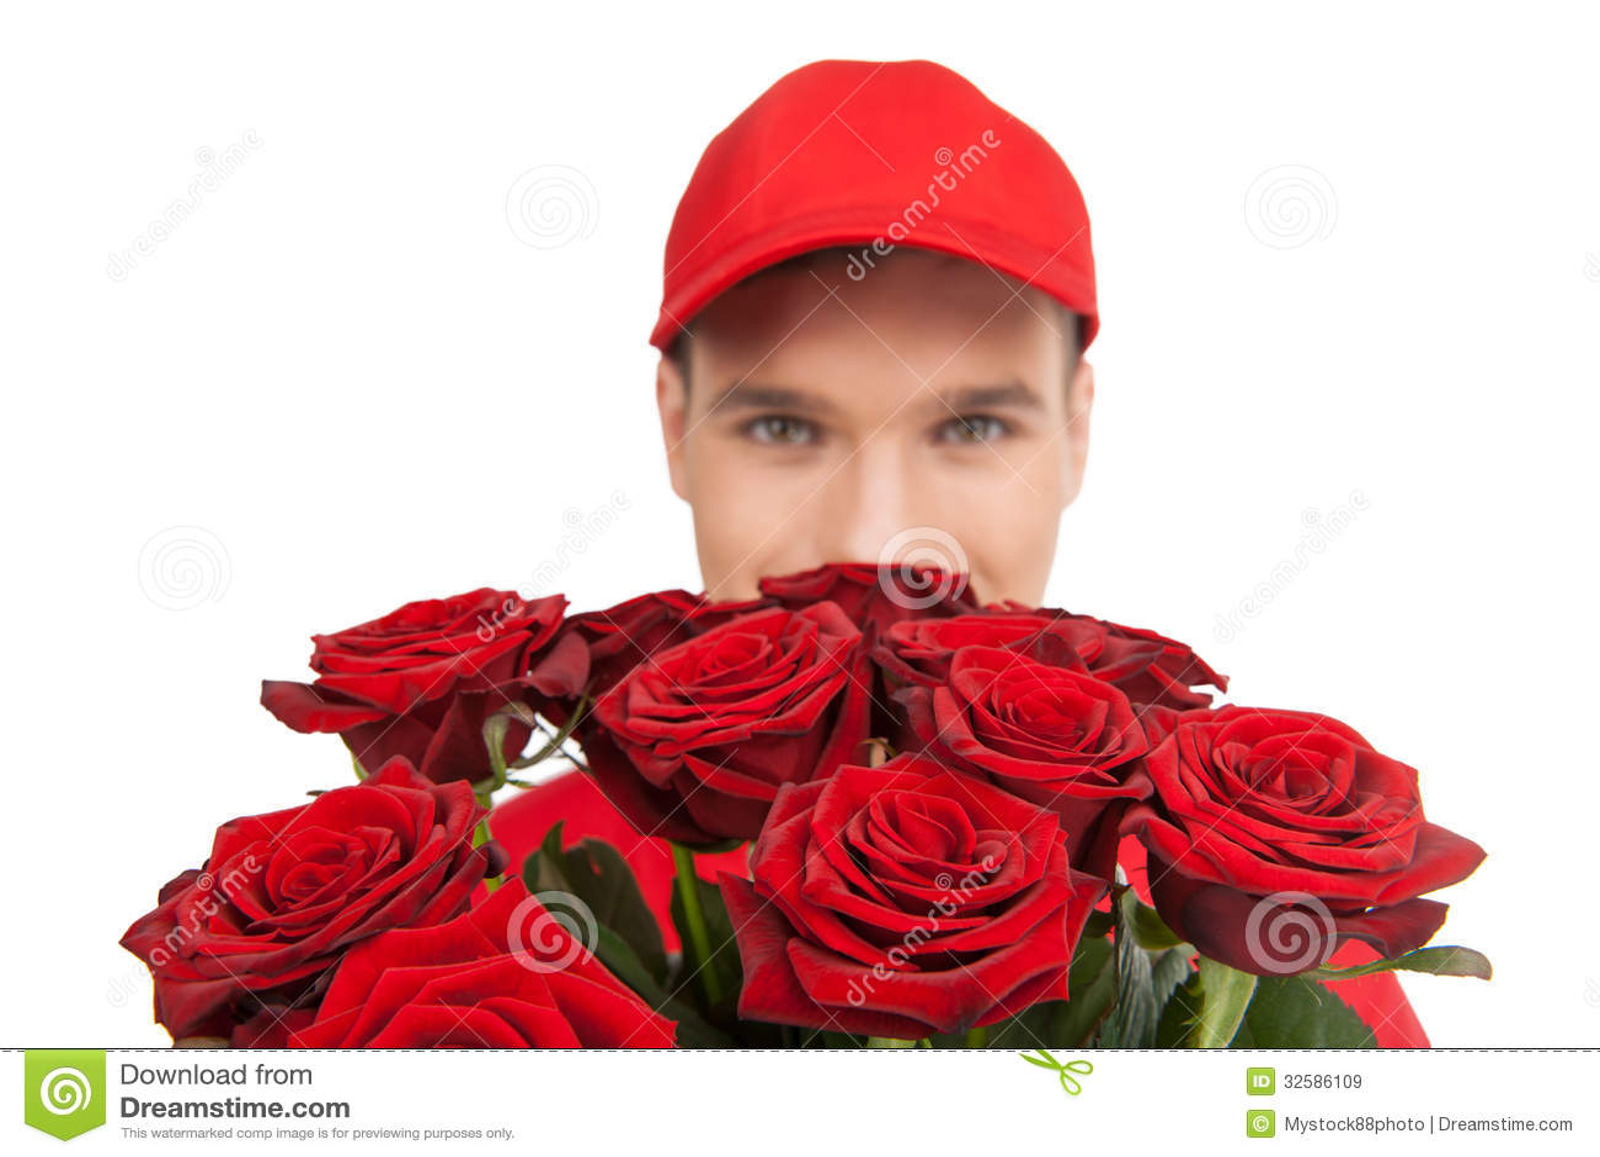 belle rose per voi primo piano del fattorino che tiene un